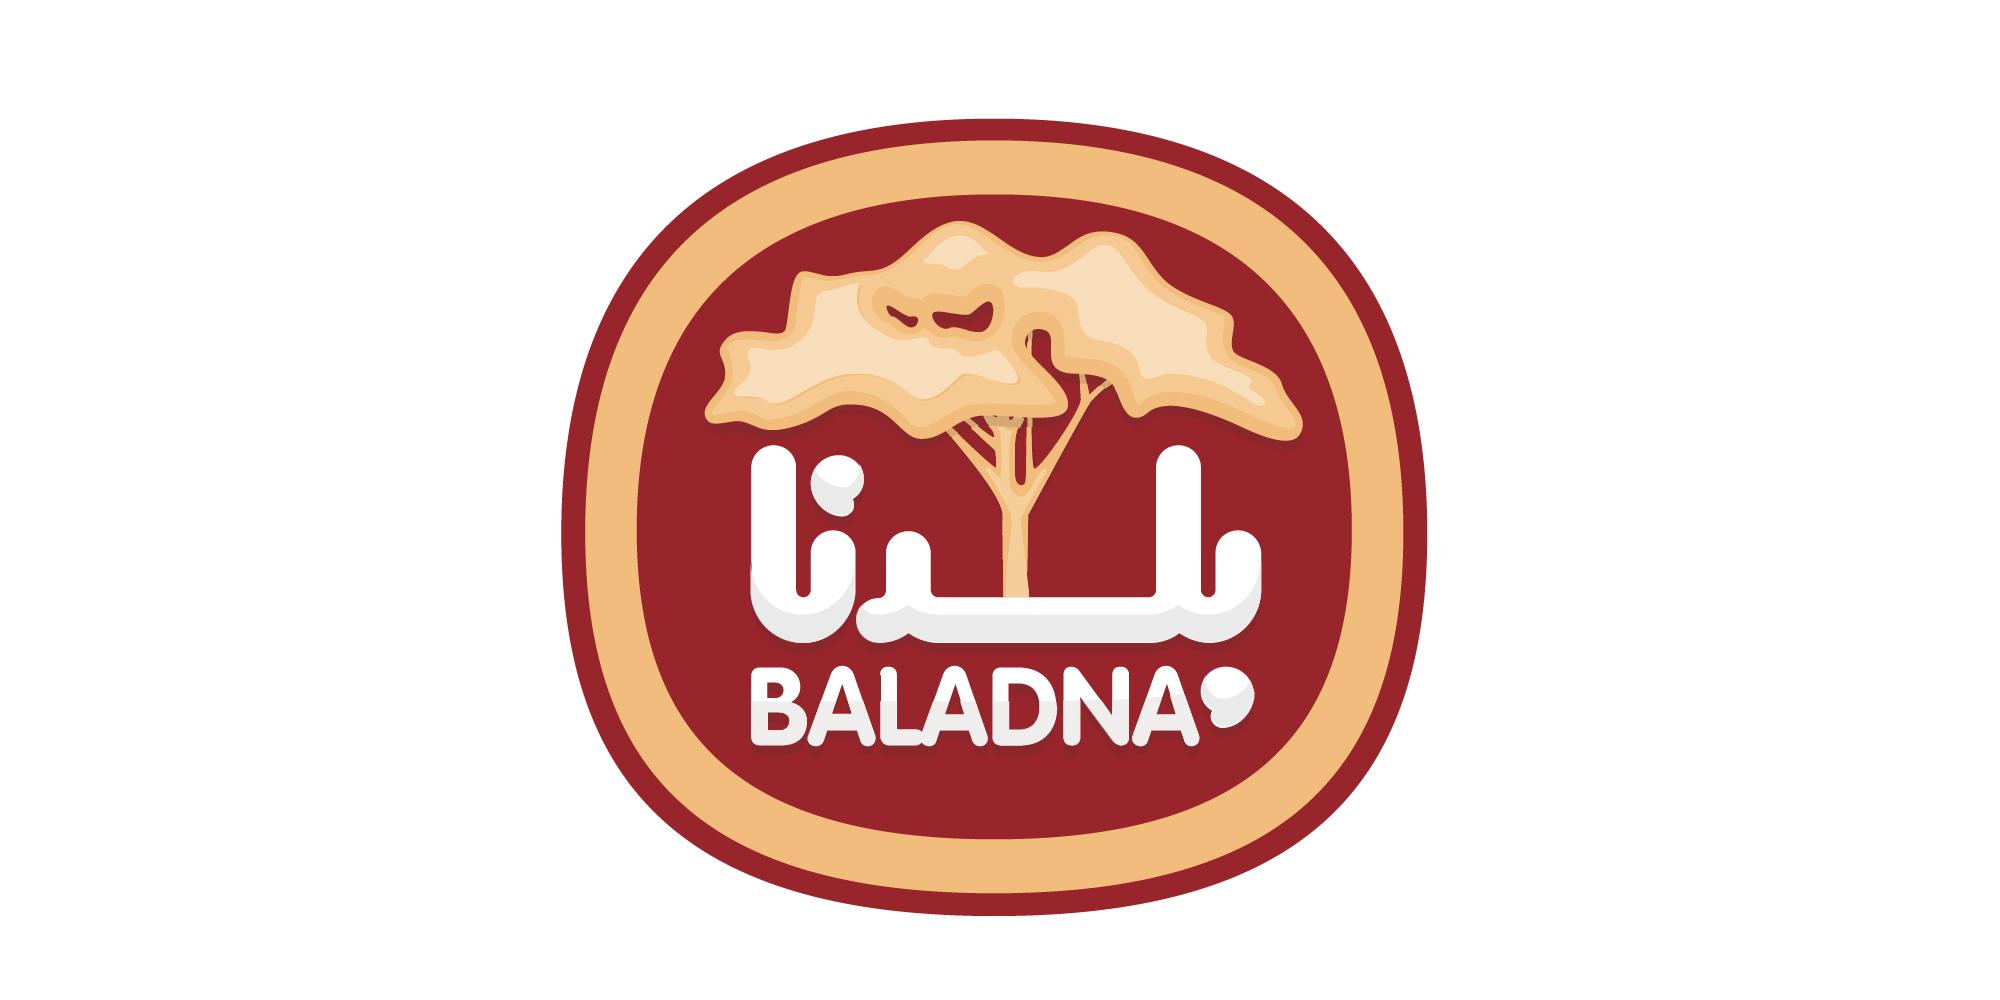 Baladna Partnership